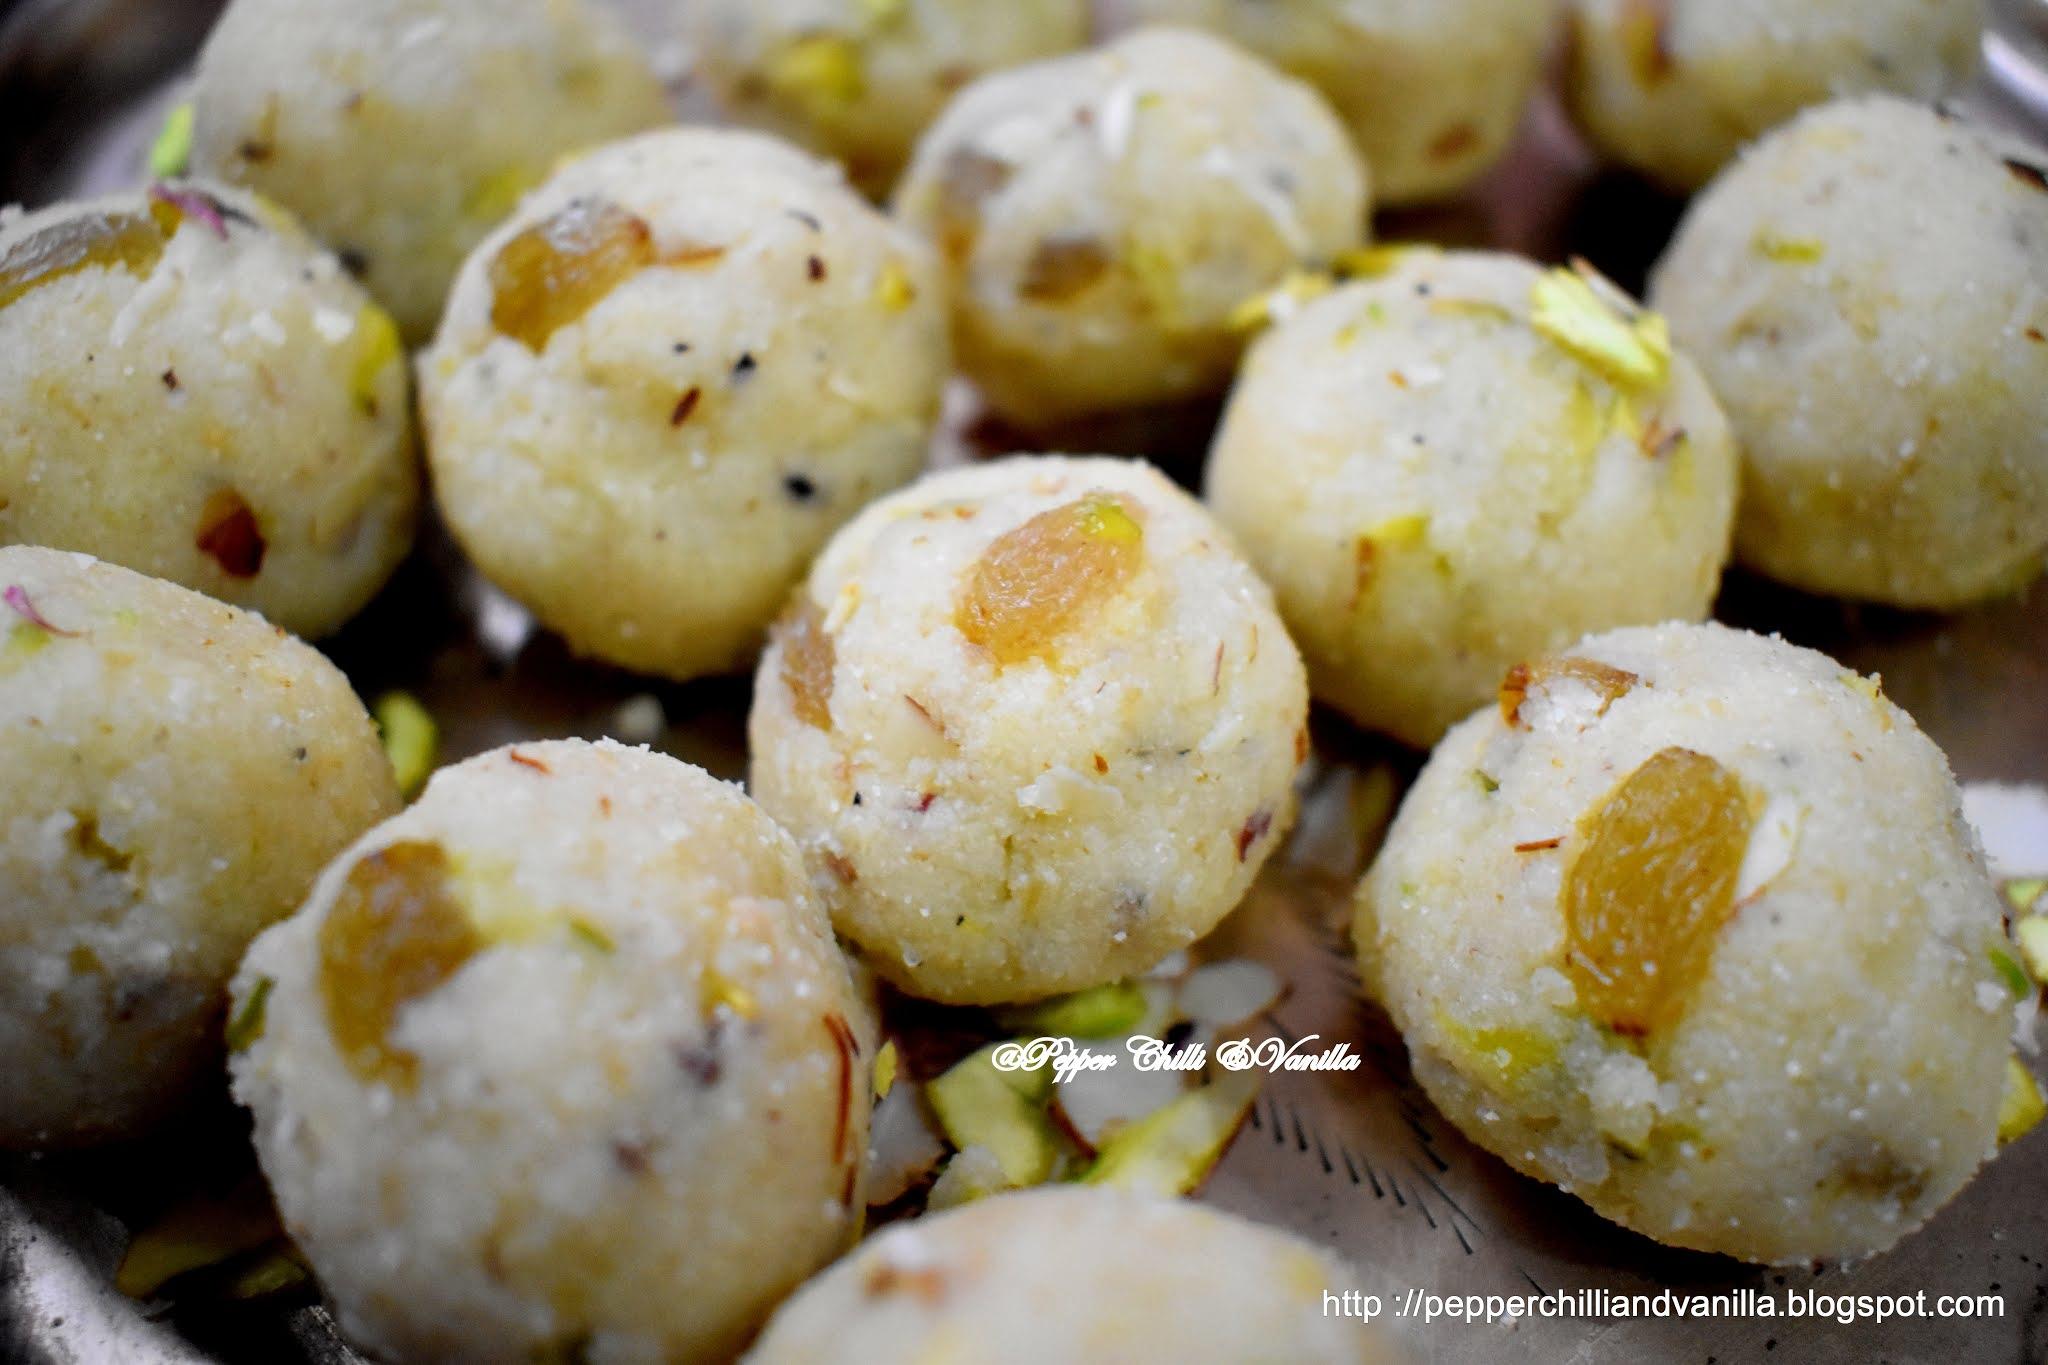 easy rava ladoo recipe,maharashtrian rava ladoo ,pakatle rava ladoo,rava ladoo with coconut using sugar syrup,gloria recipes